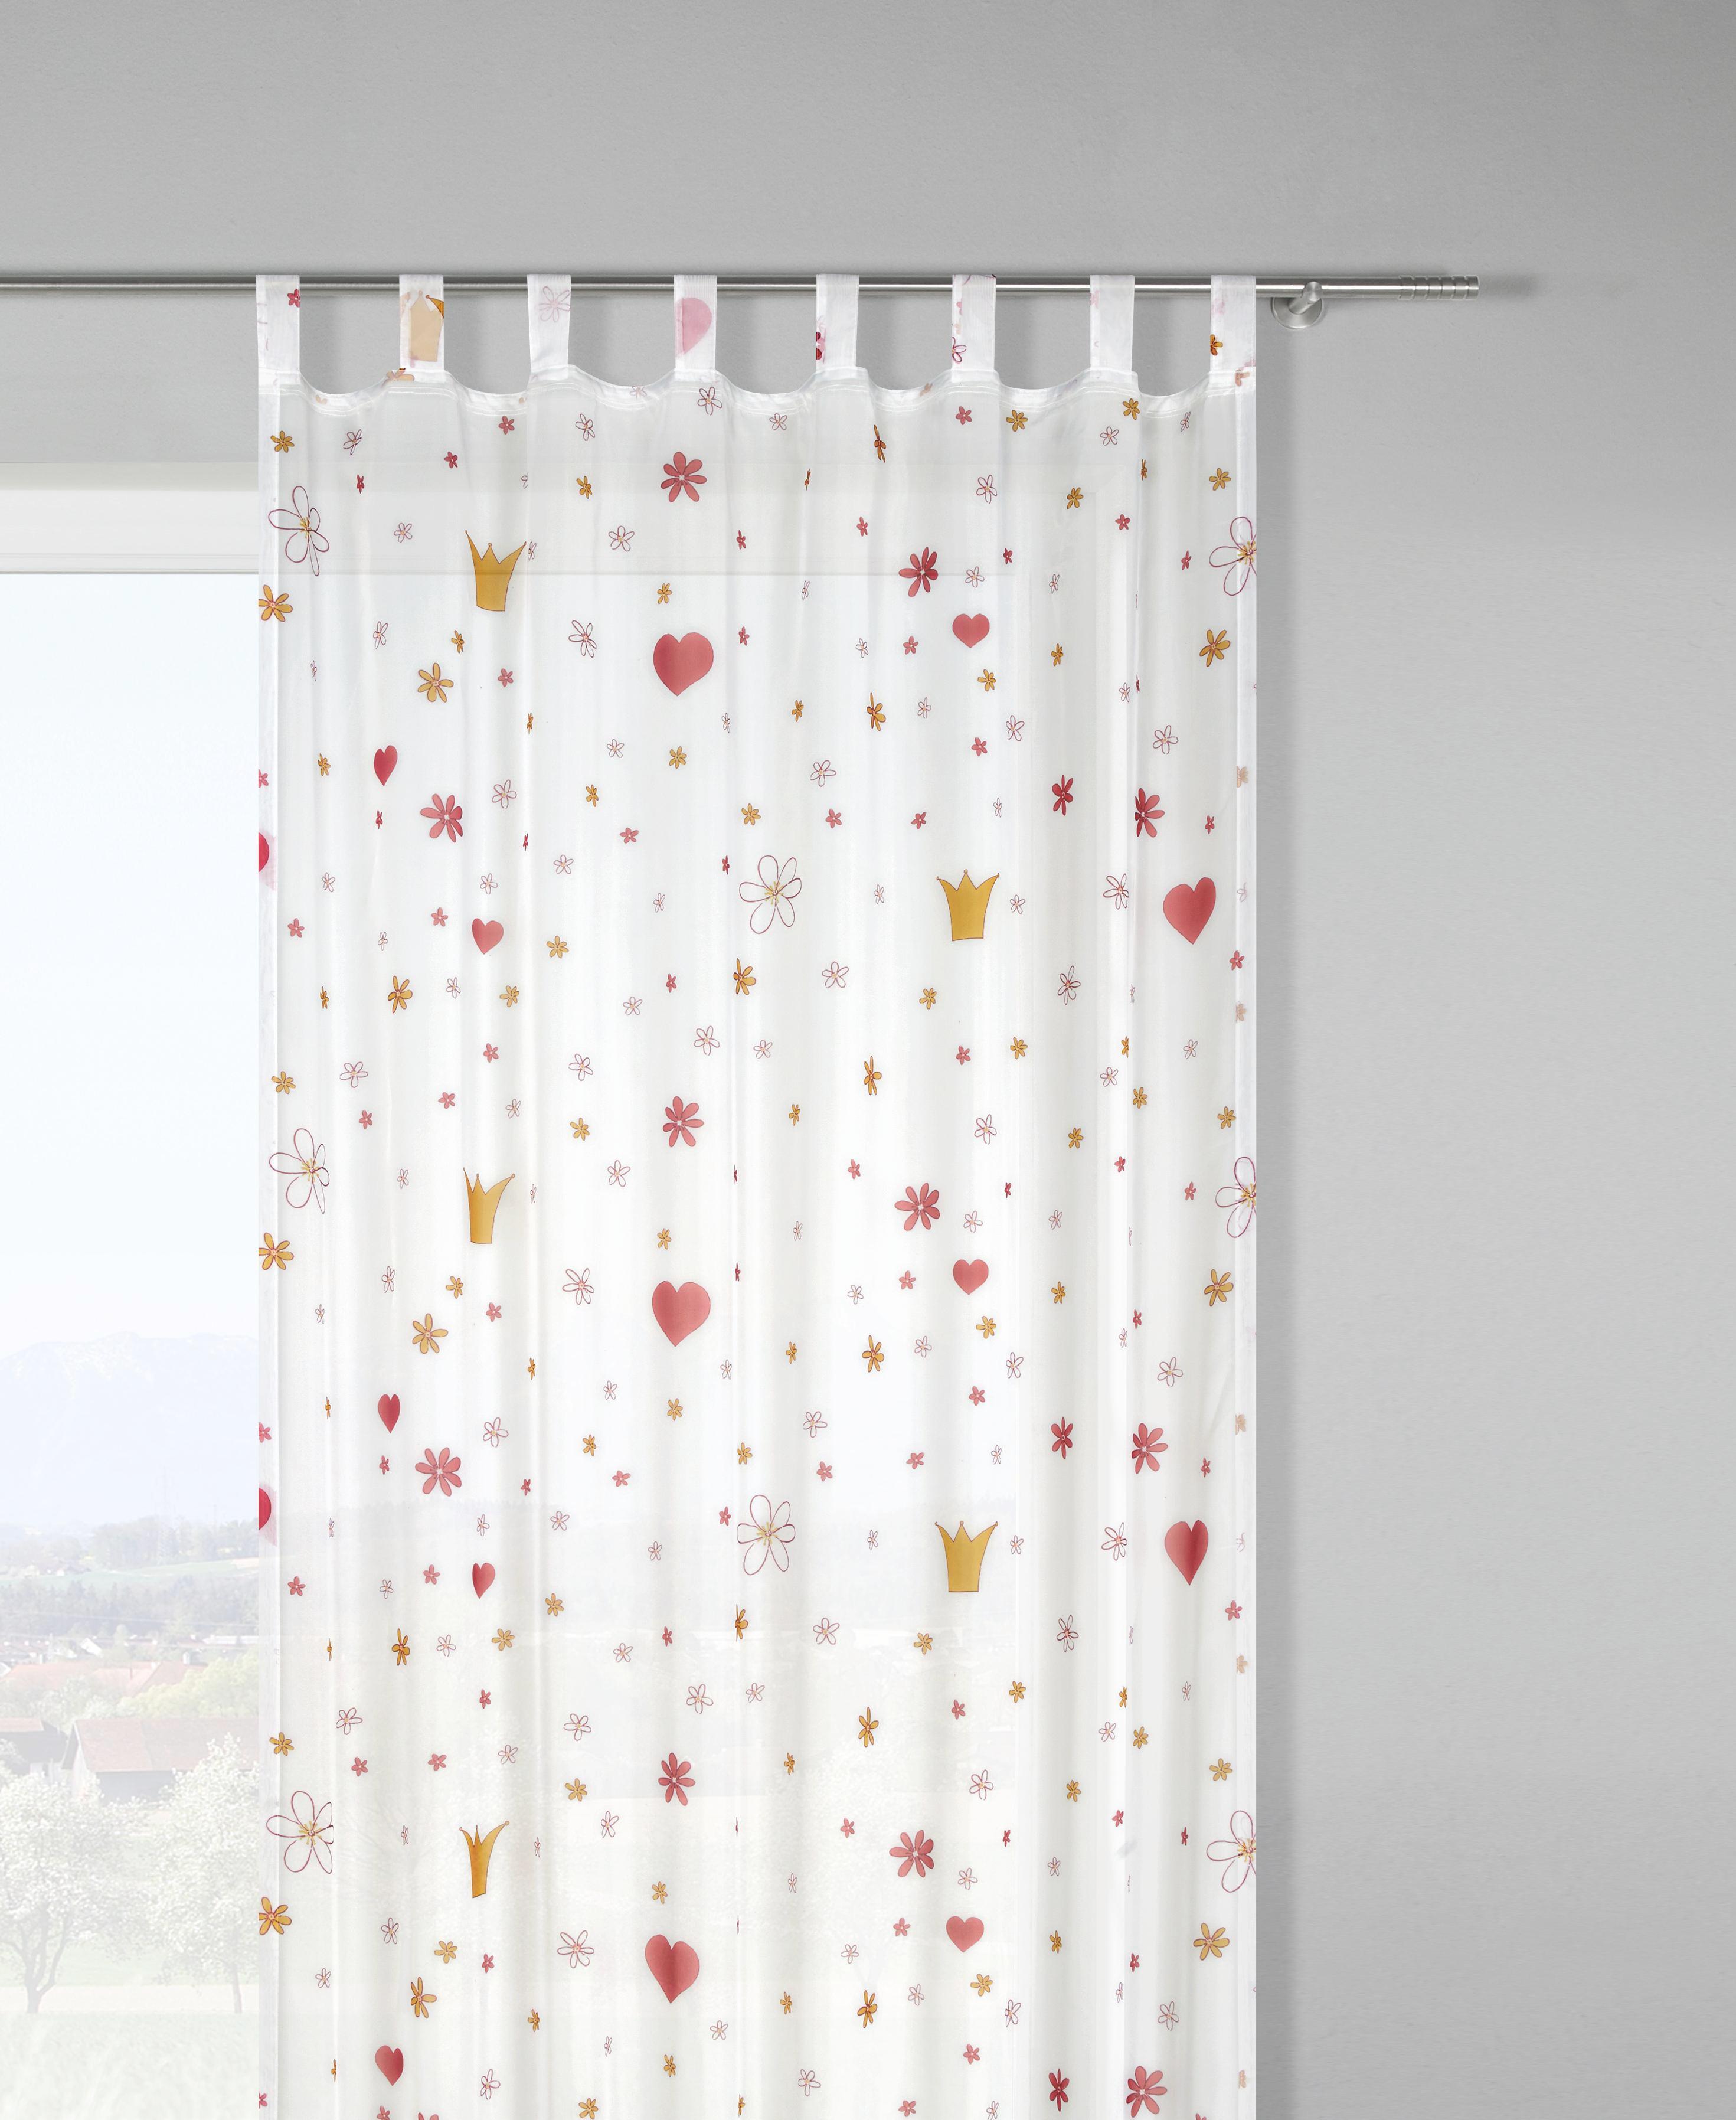 Készfüggöny Sweety - rózsaszín/fehér, textil (135/245cm) - MÖMAX modern living